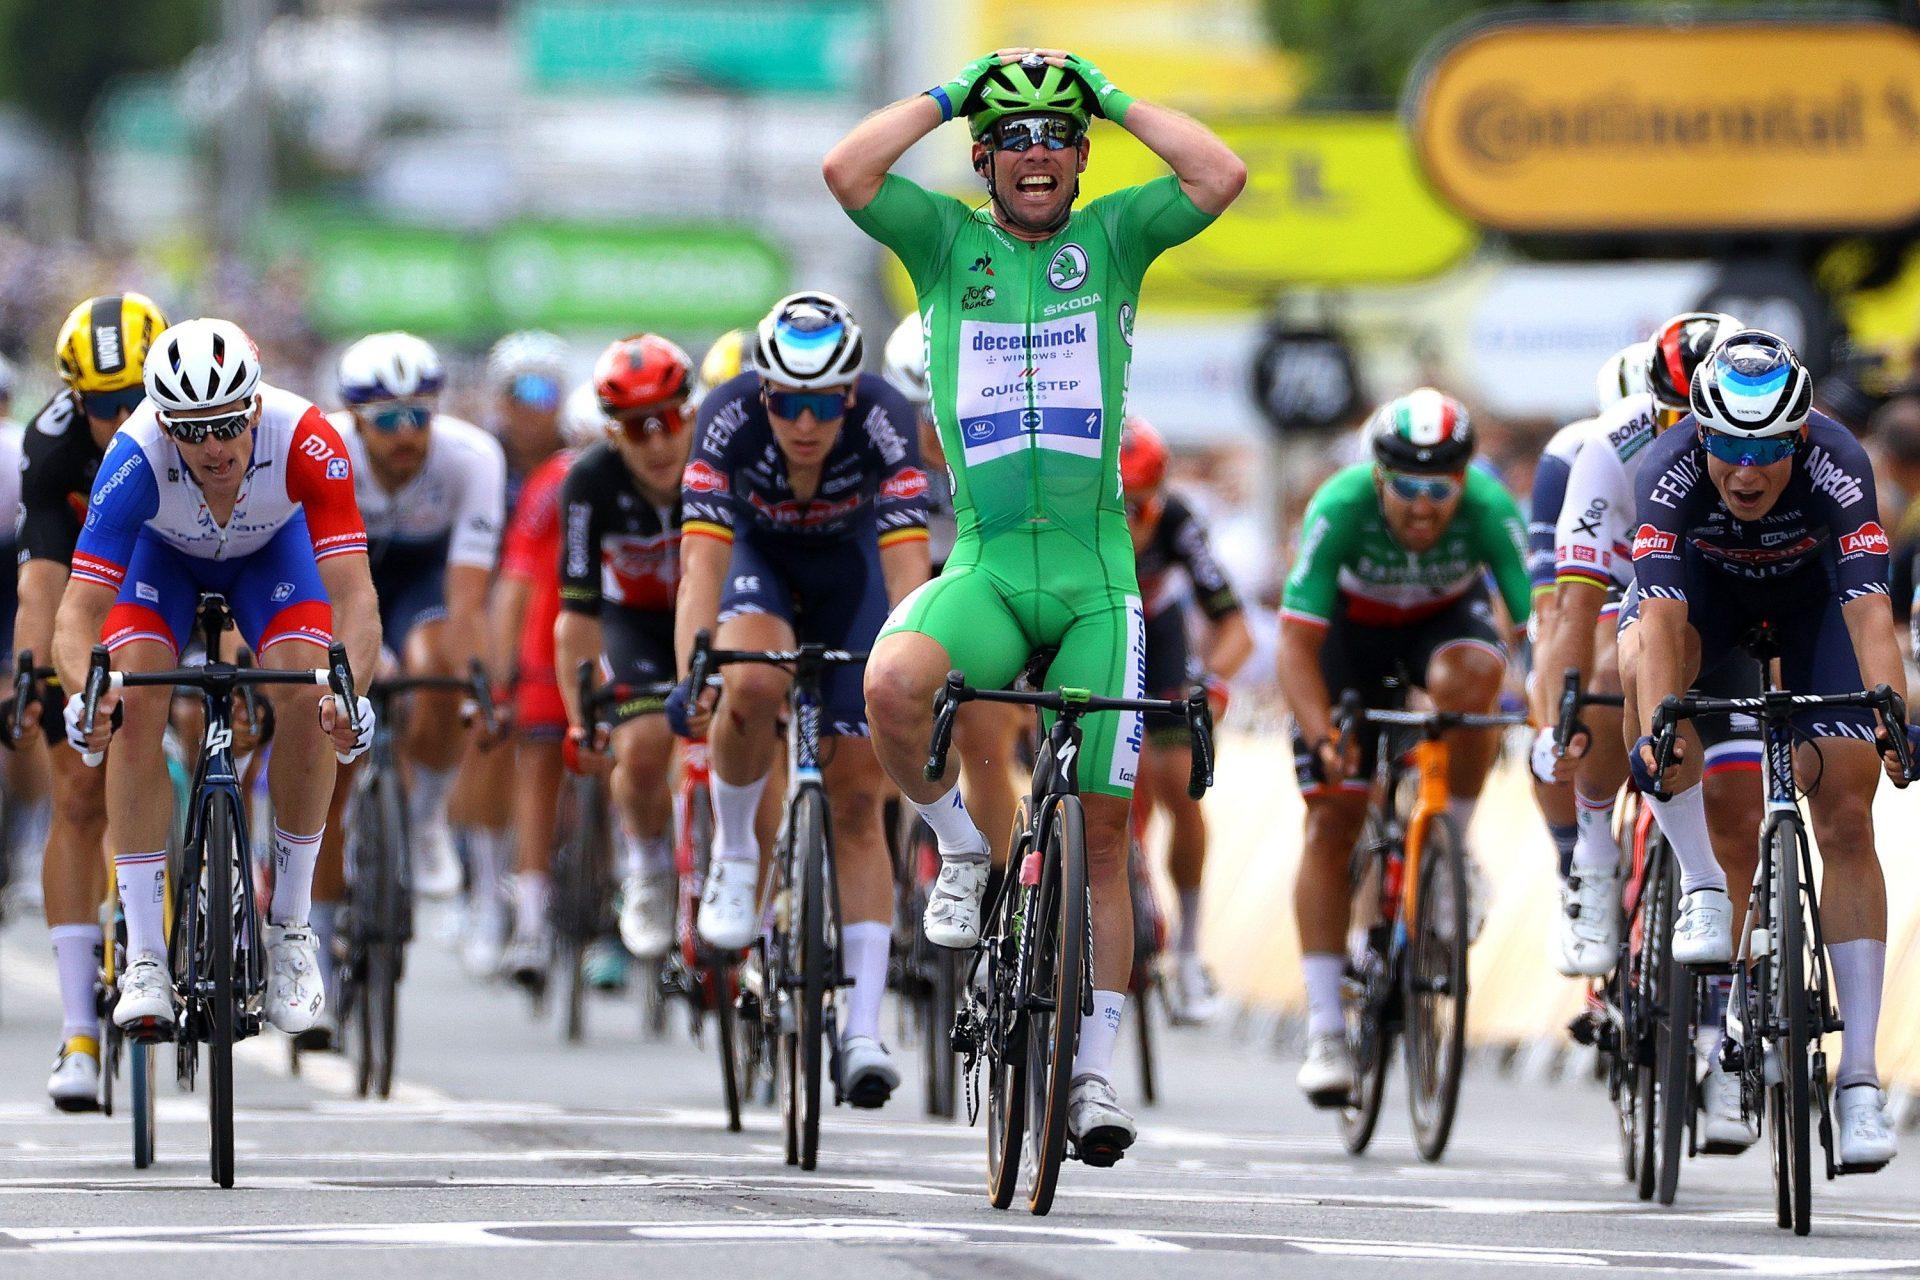 Mark-Cavendish-Tour-de-France-Stage-6-Victory-_Tim-De-Waele-Getty-Images